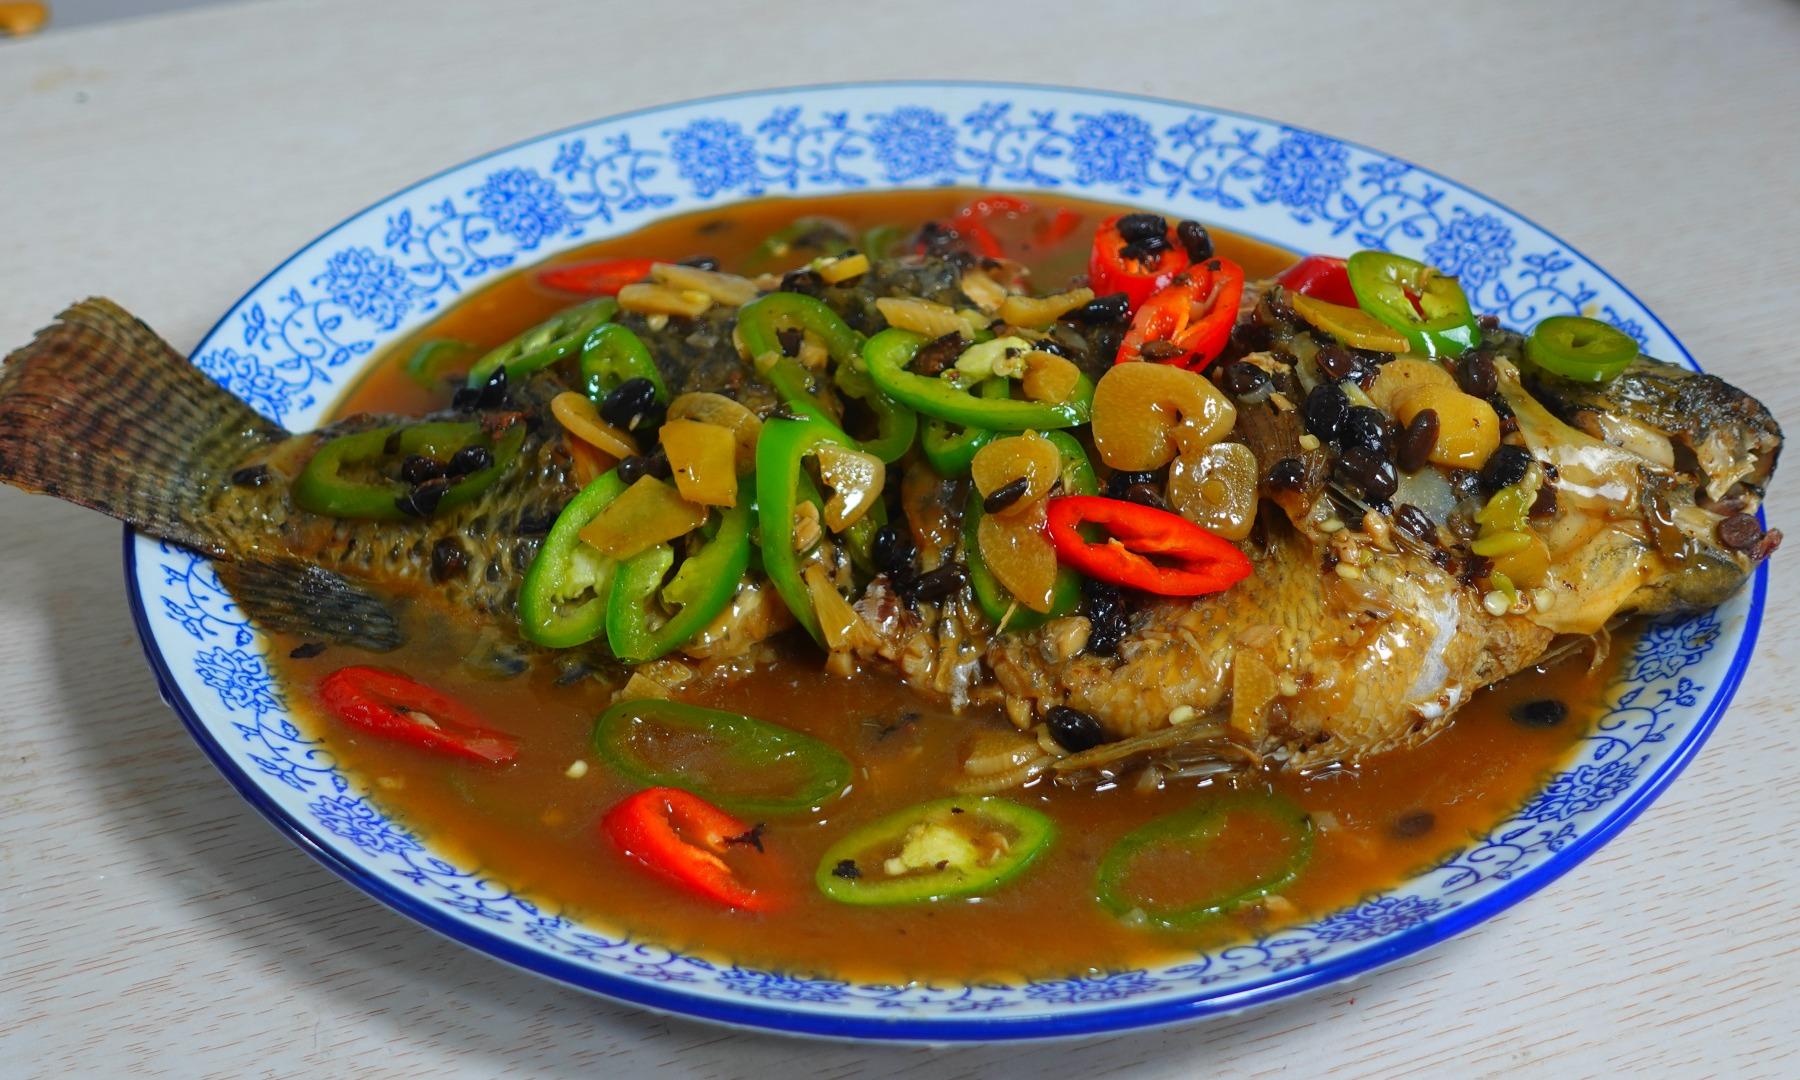 红烧鱼好吃有诀窍,教你饭店大厨拿手做法,咸香入味,做法很简单